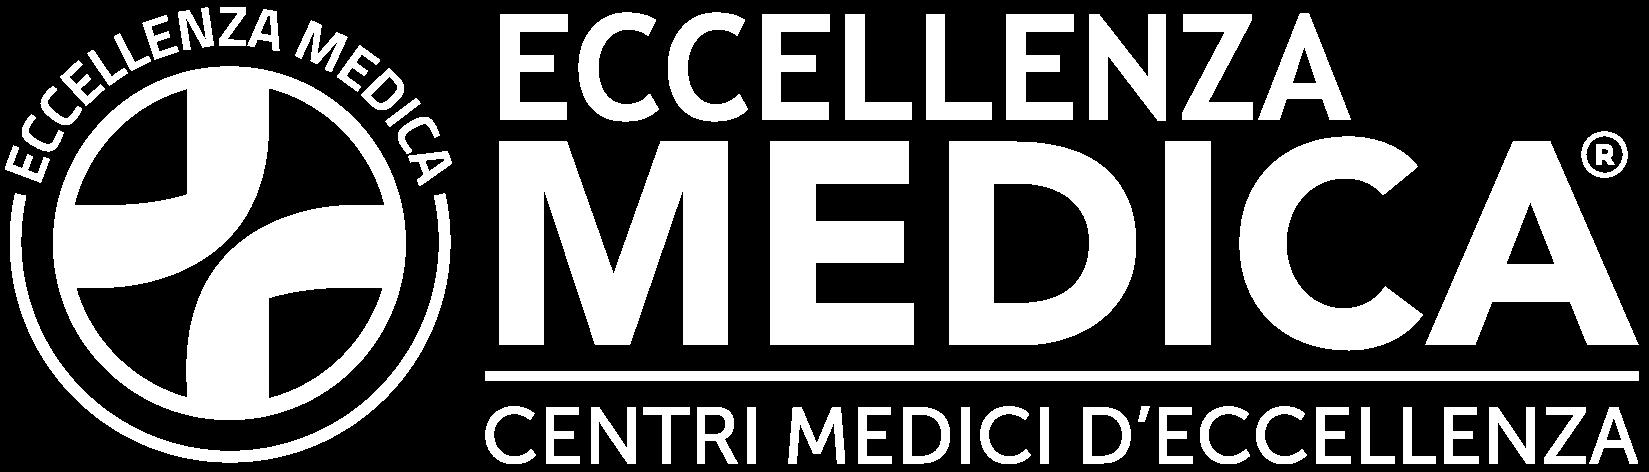 Eccellenza Medica